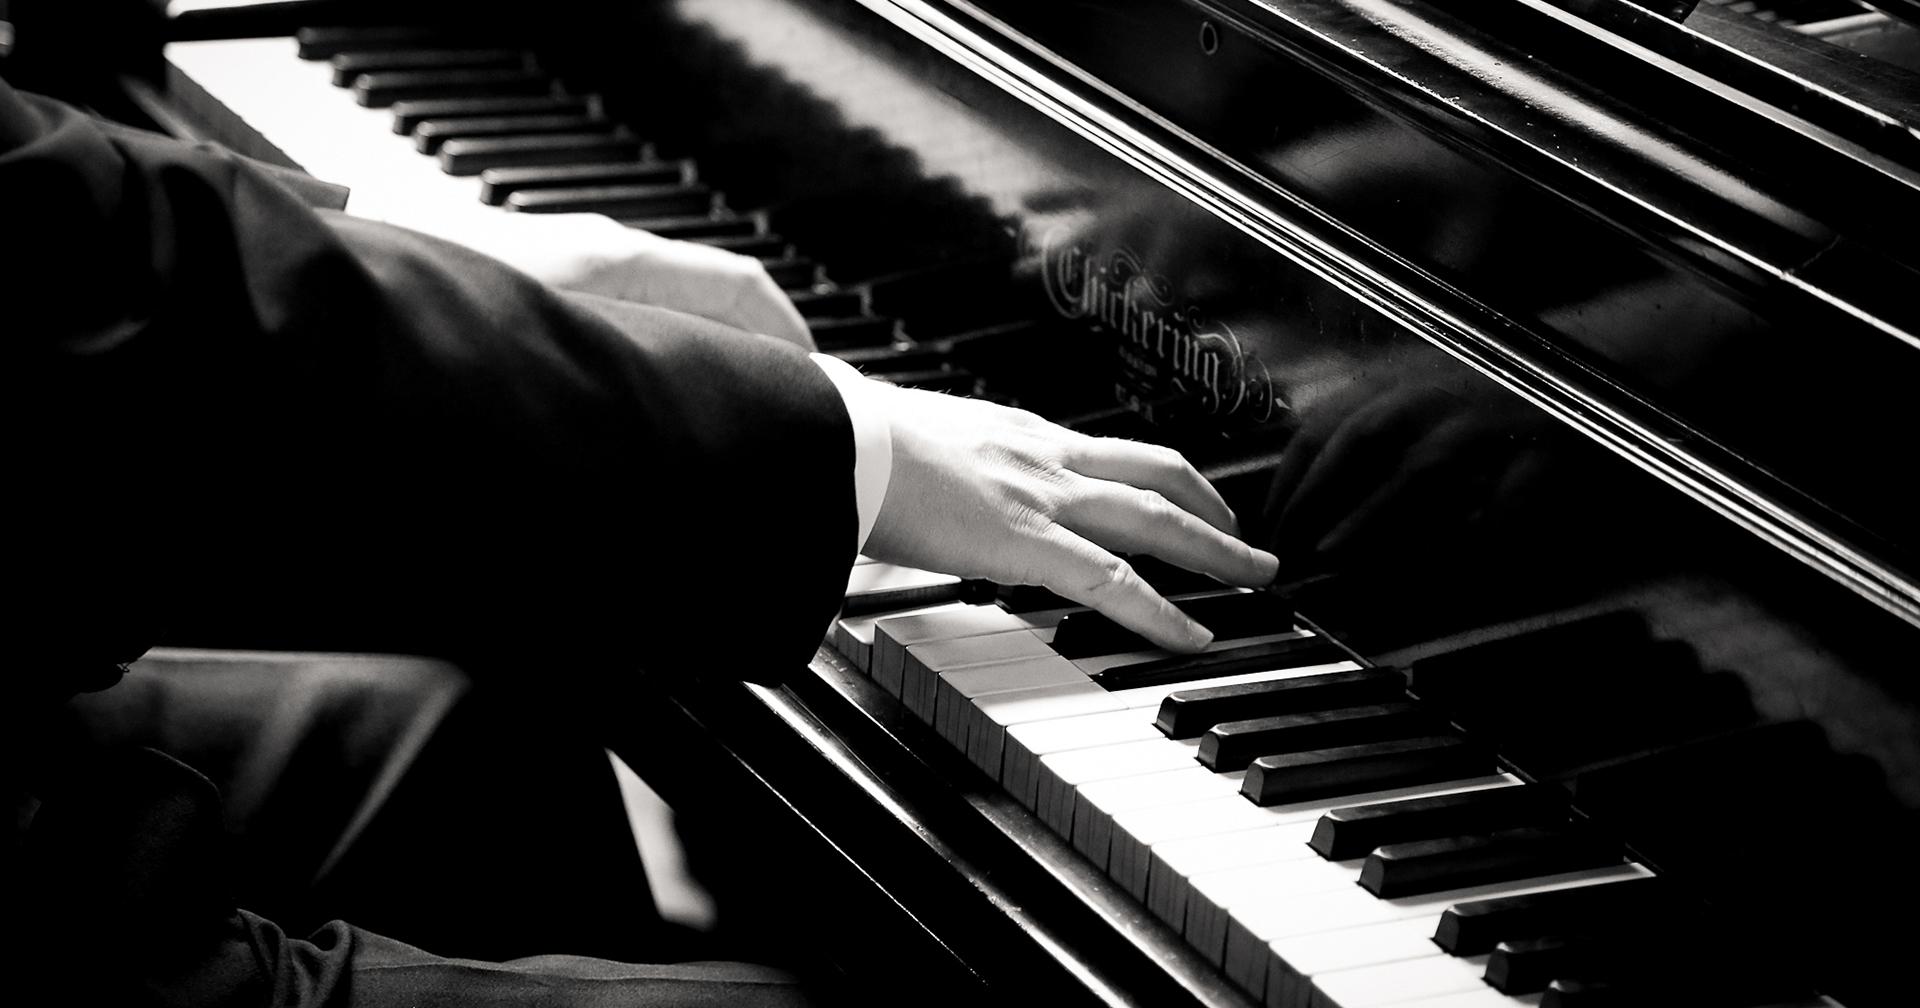 piano-hands-BWlrg